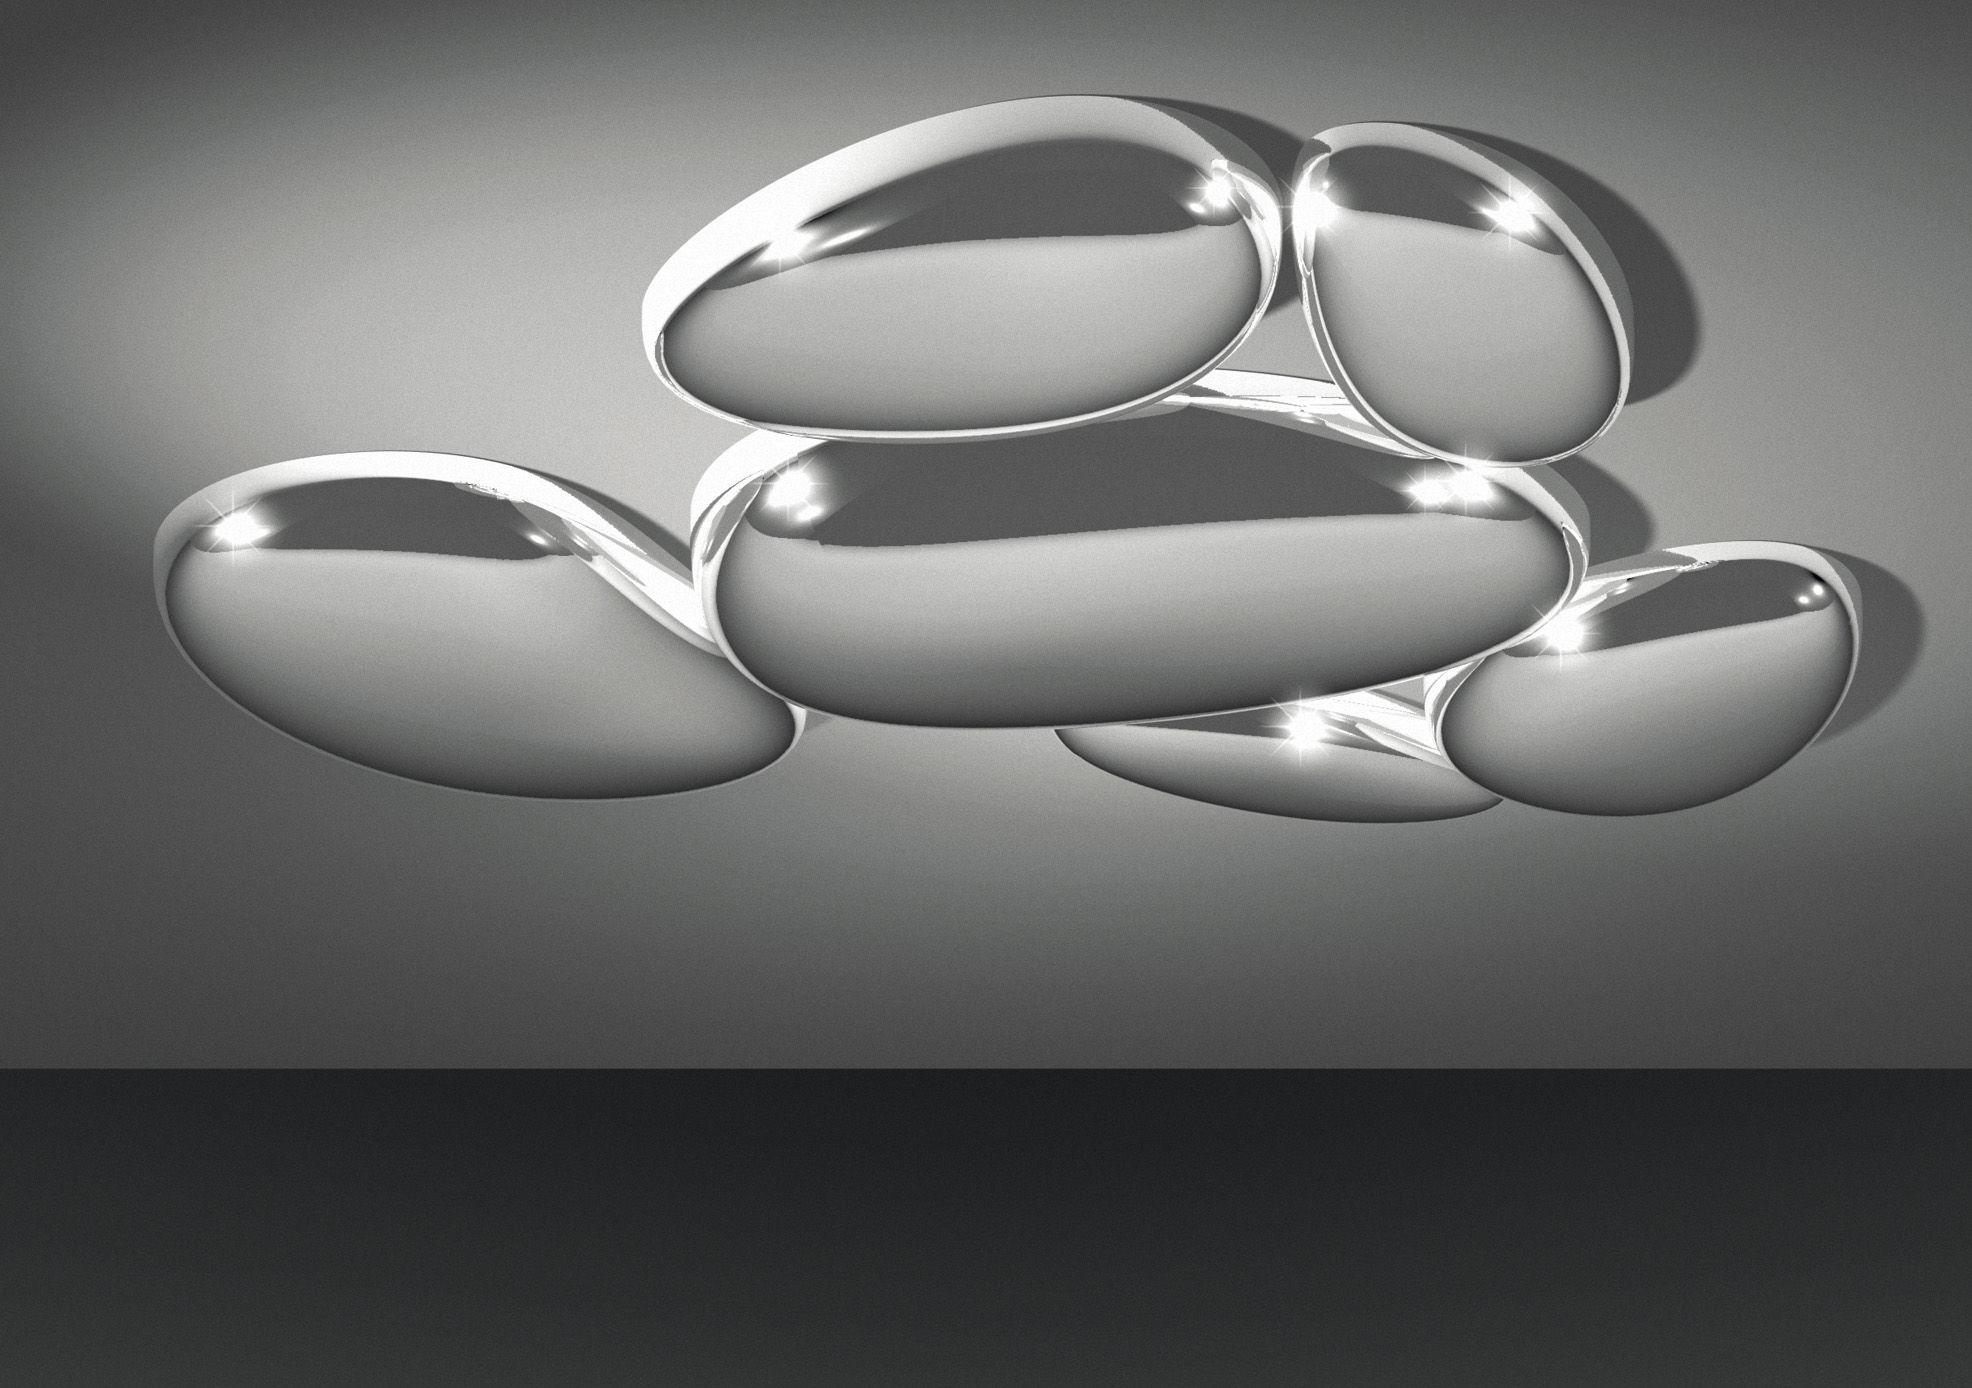 Plafoniere Moderne Living : Artemide plafoniere moderne specchio bagno cm specchiera